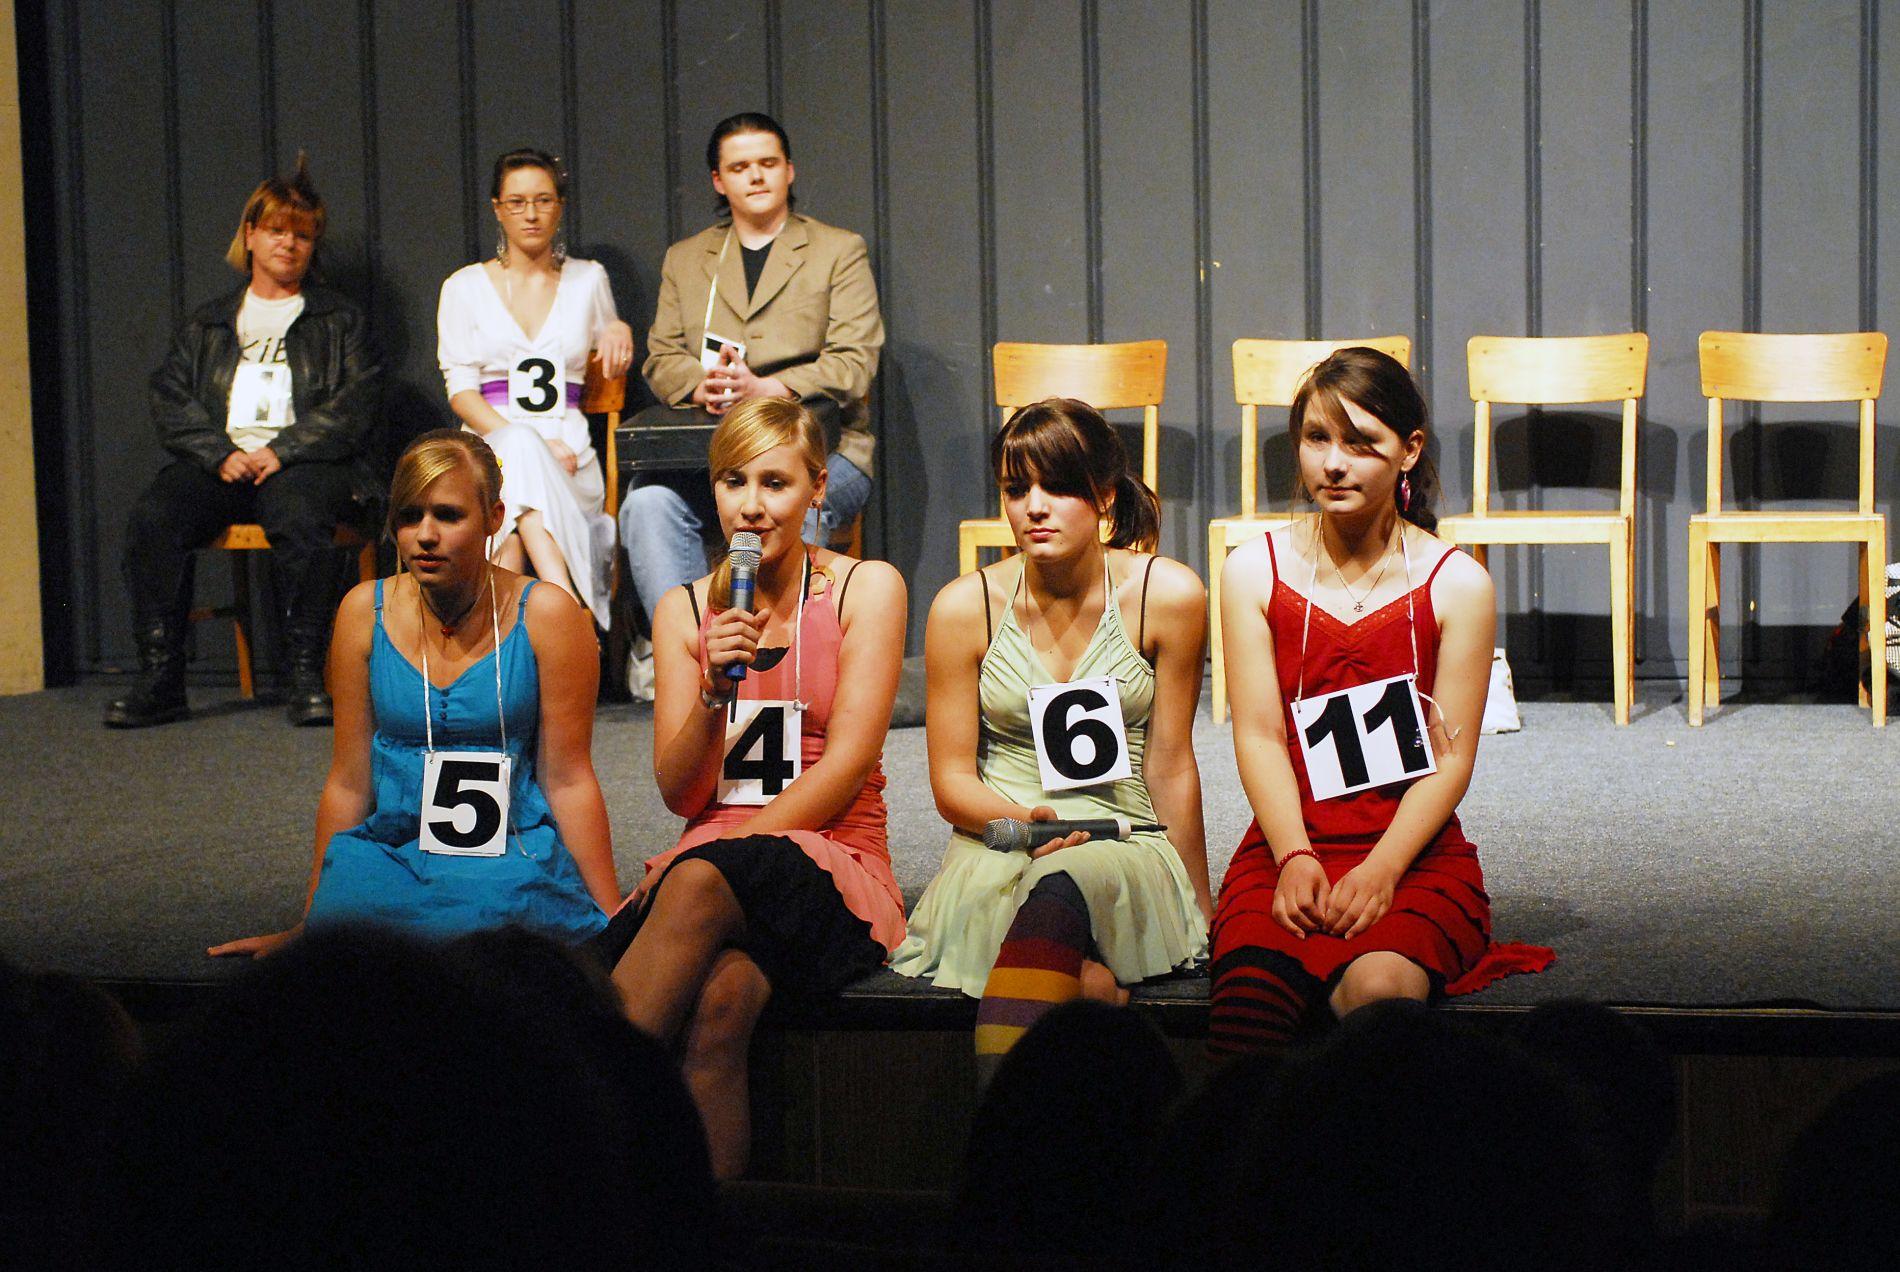 RB_009_XVII_TH_2008_castingshow_002_foto_karsten_schaarschmidt.jpg